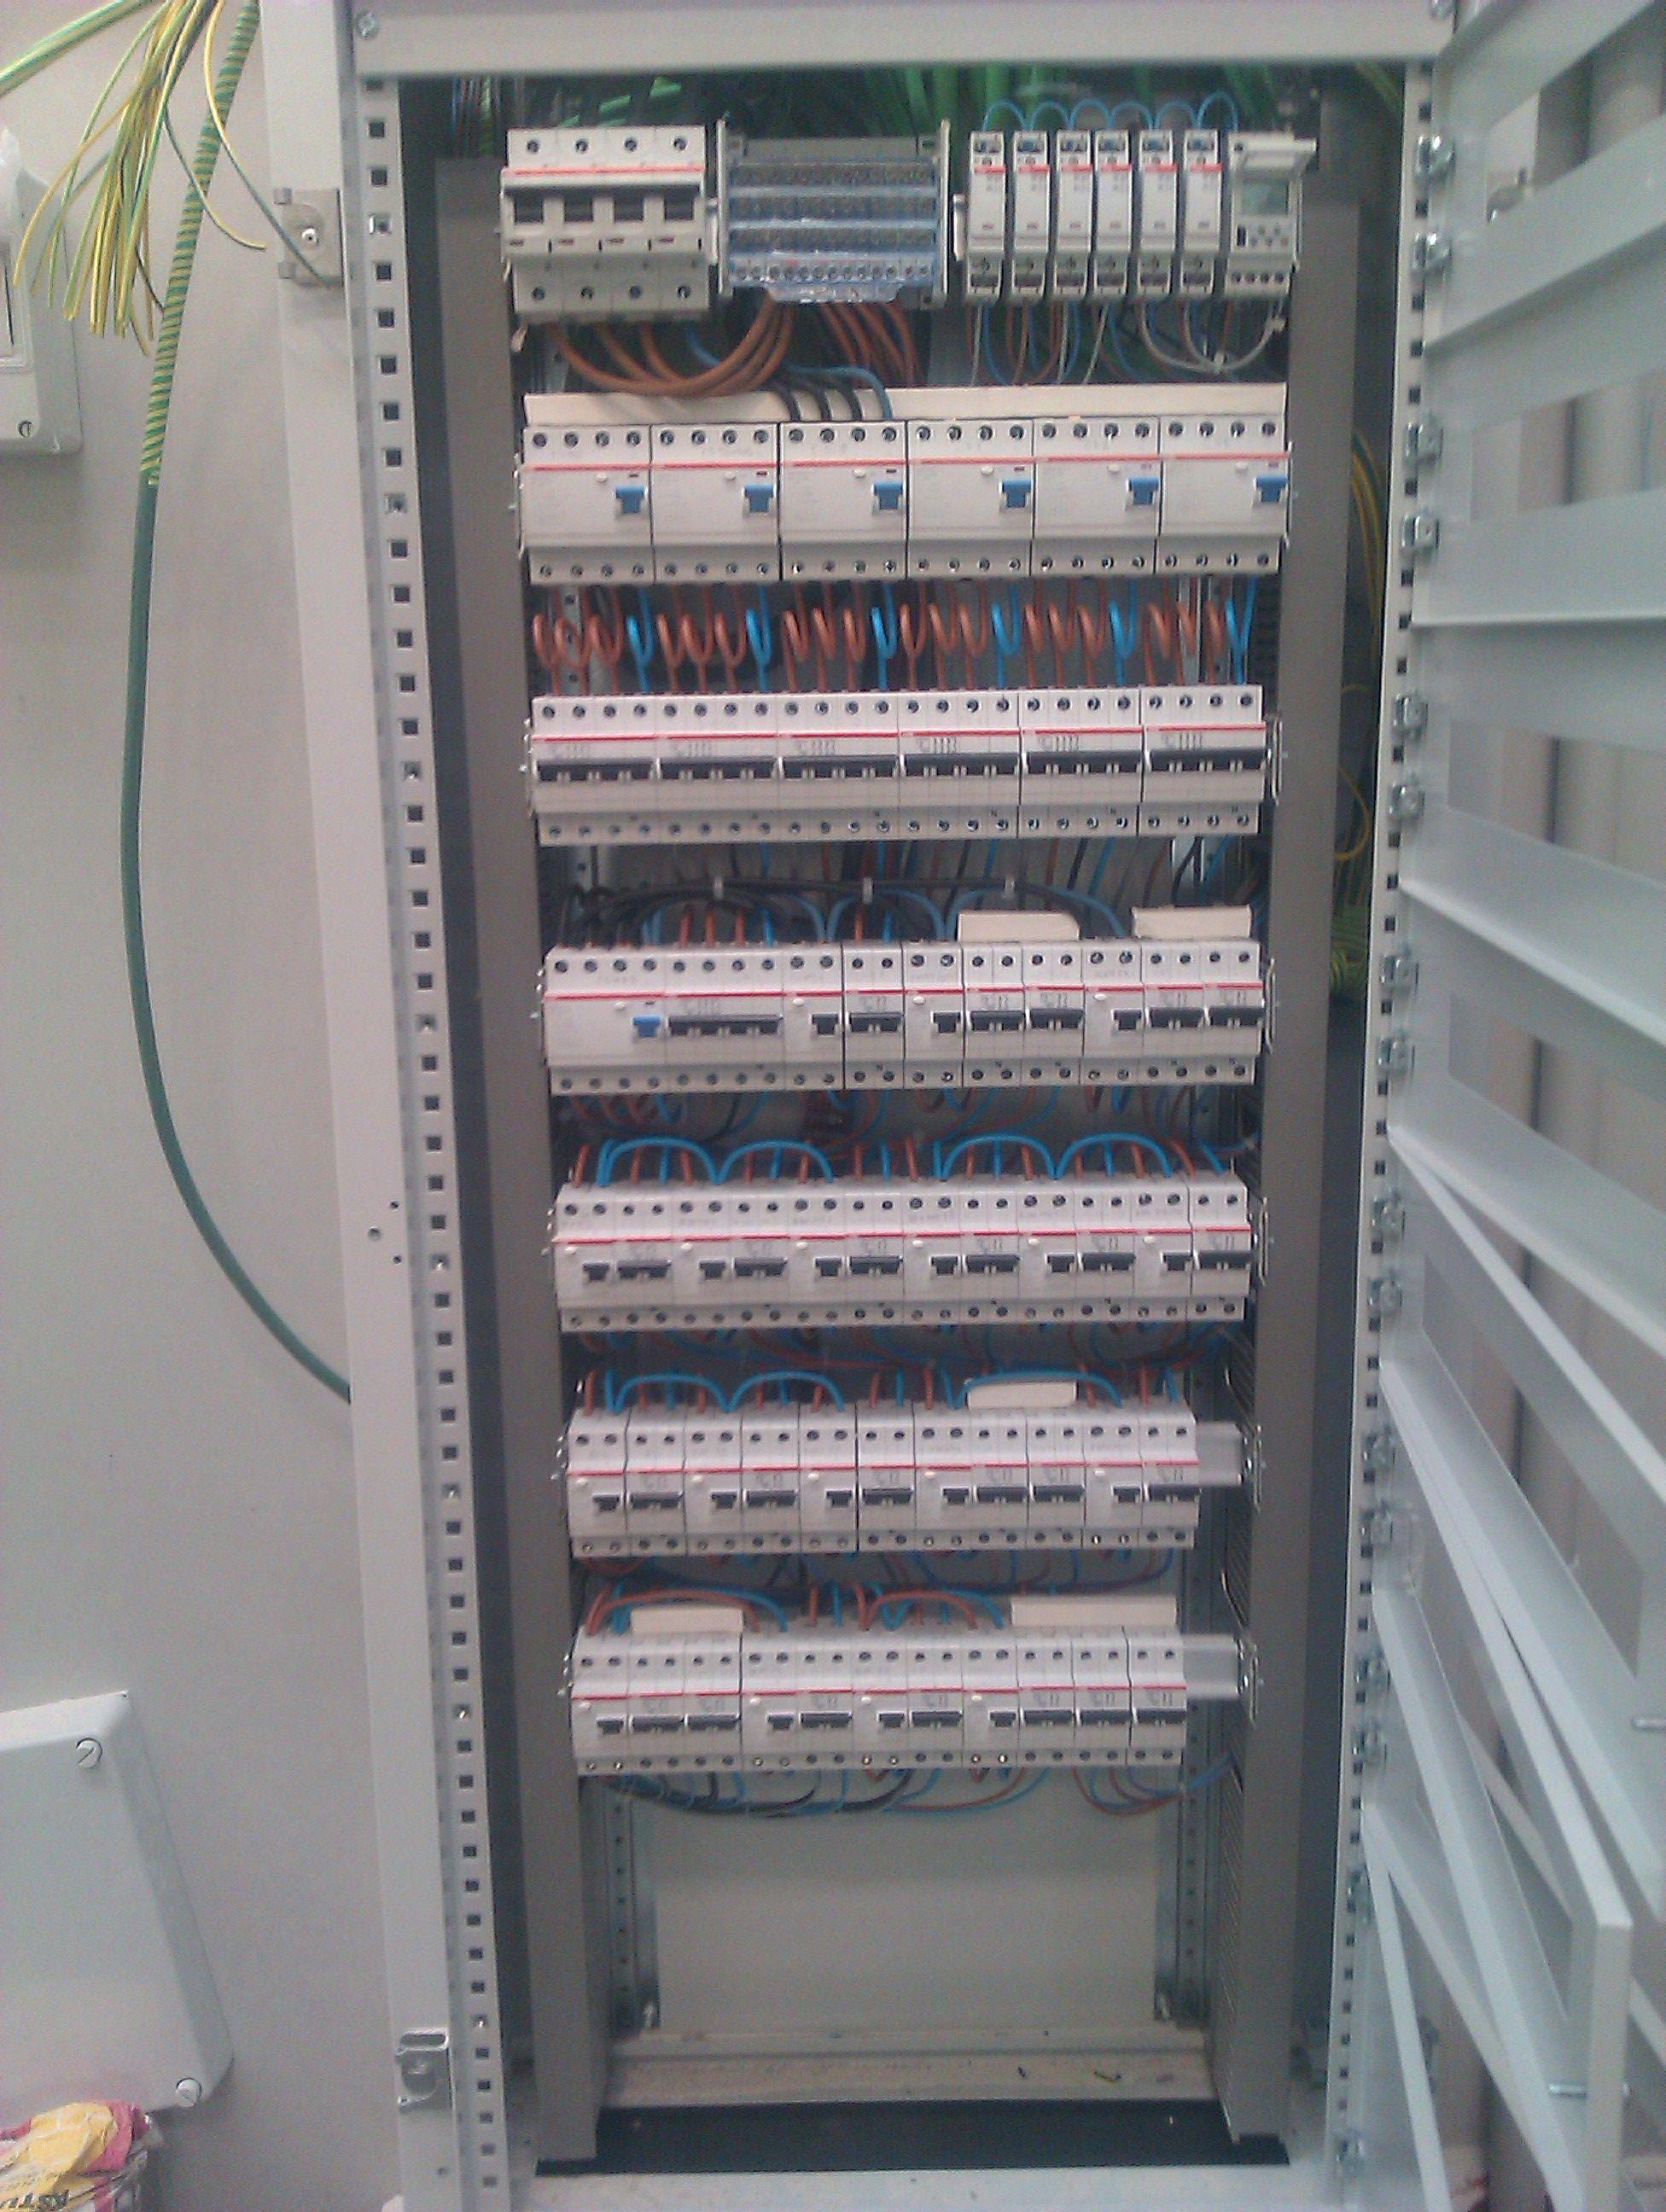 Cuadro el ctrico cableado el ctrico interior en una for Caja cuadro electrico